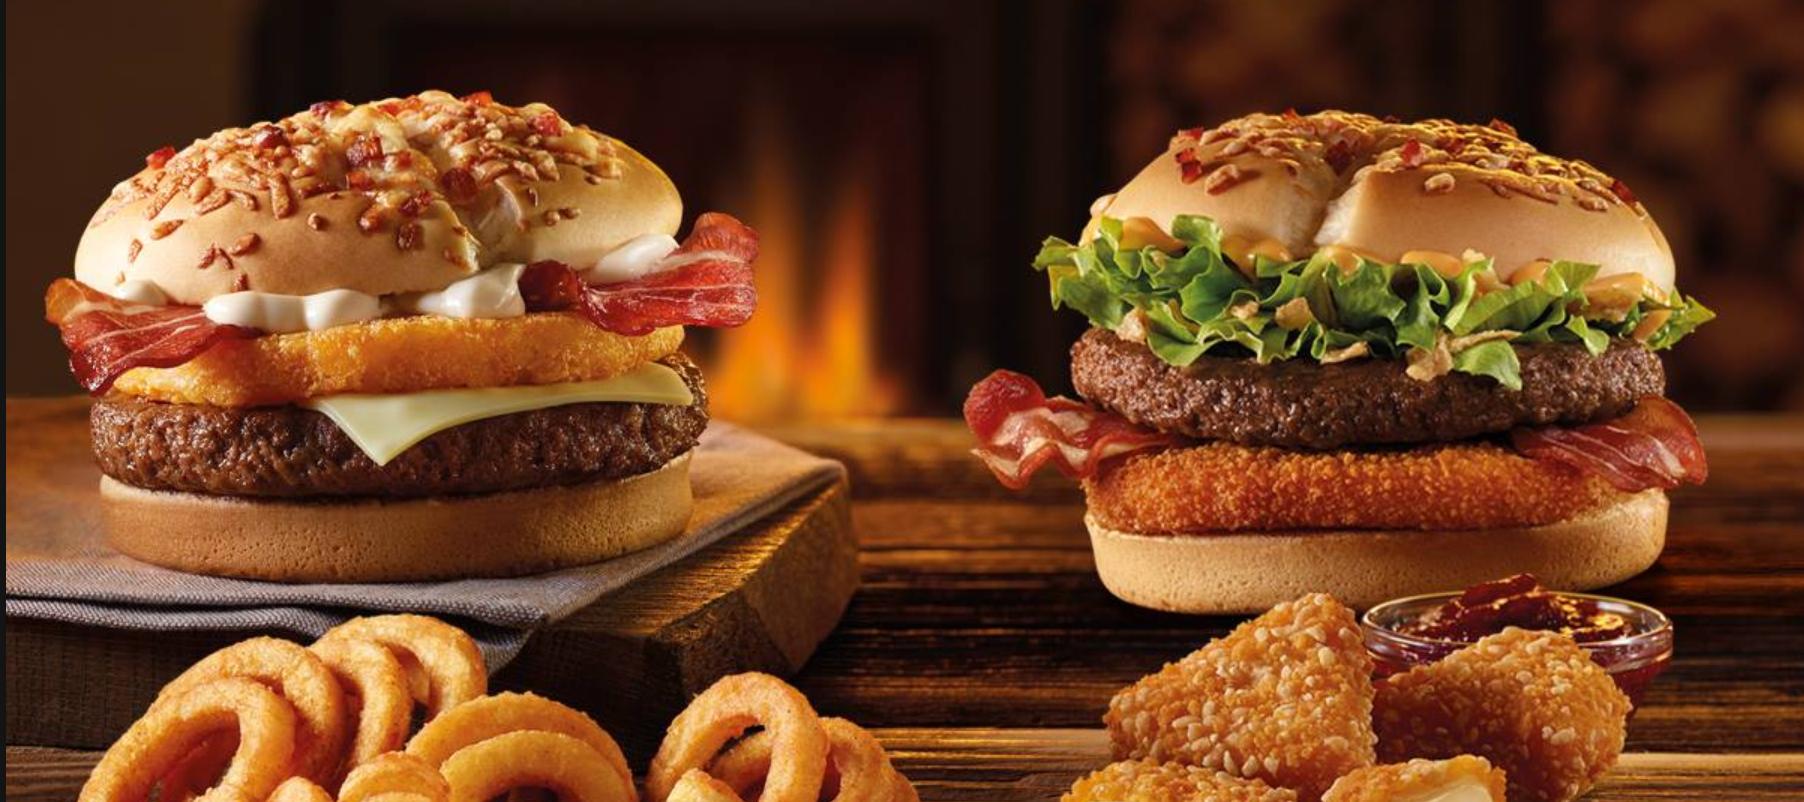 Lumberjack Burger mitikoa itzuli da.  Aurtengo McDonald's ogitarteko onena ere eros dezakezu haragirik gabe